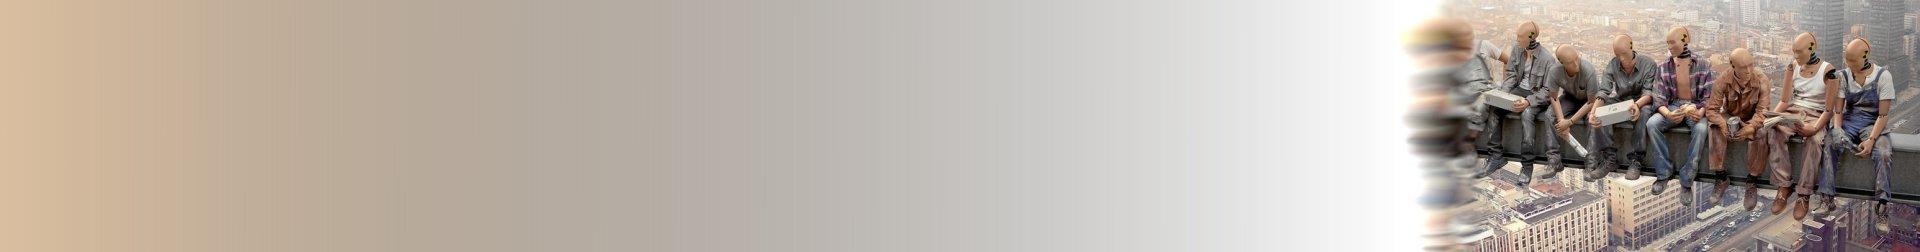 desanti-sicurezza-banner